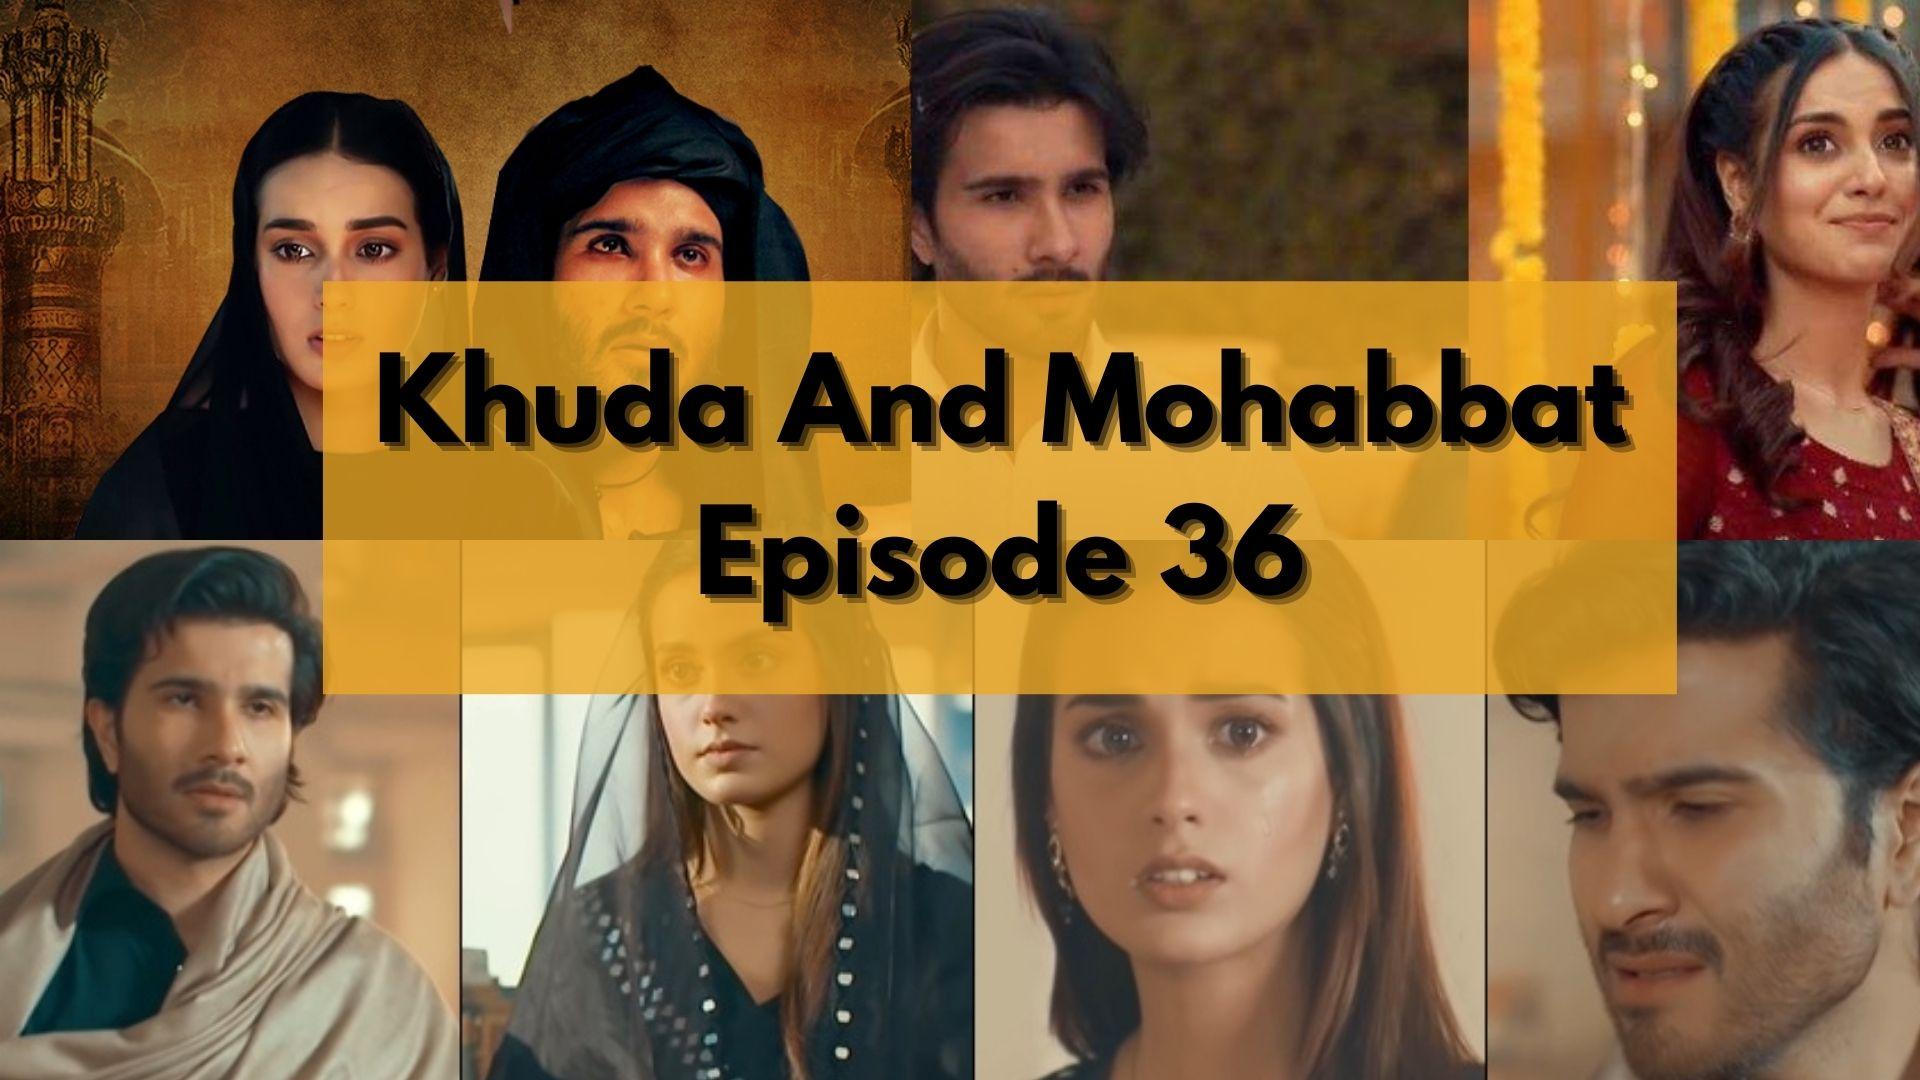 Khuda Aur Mohabbat Season 3 Episode 36: Release Date & Spoilers